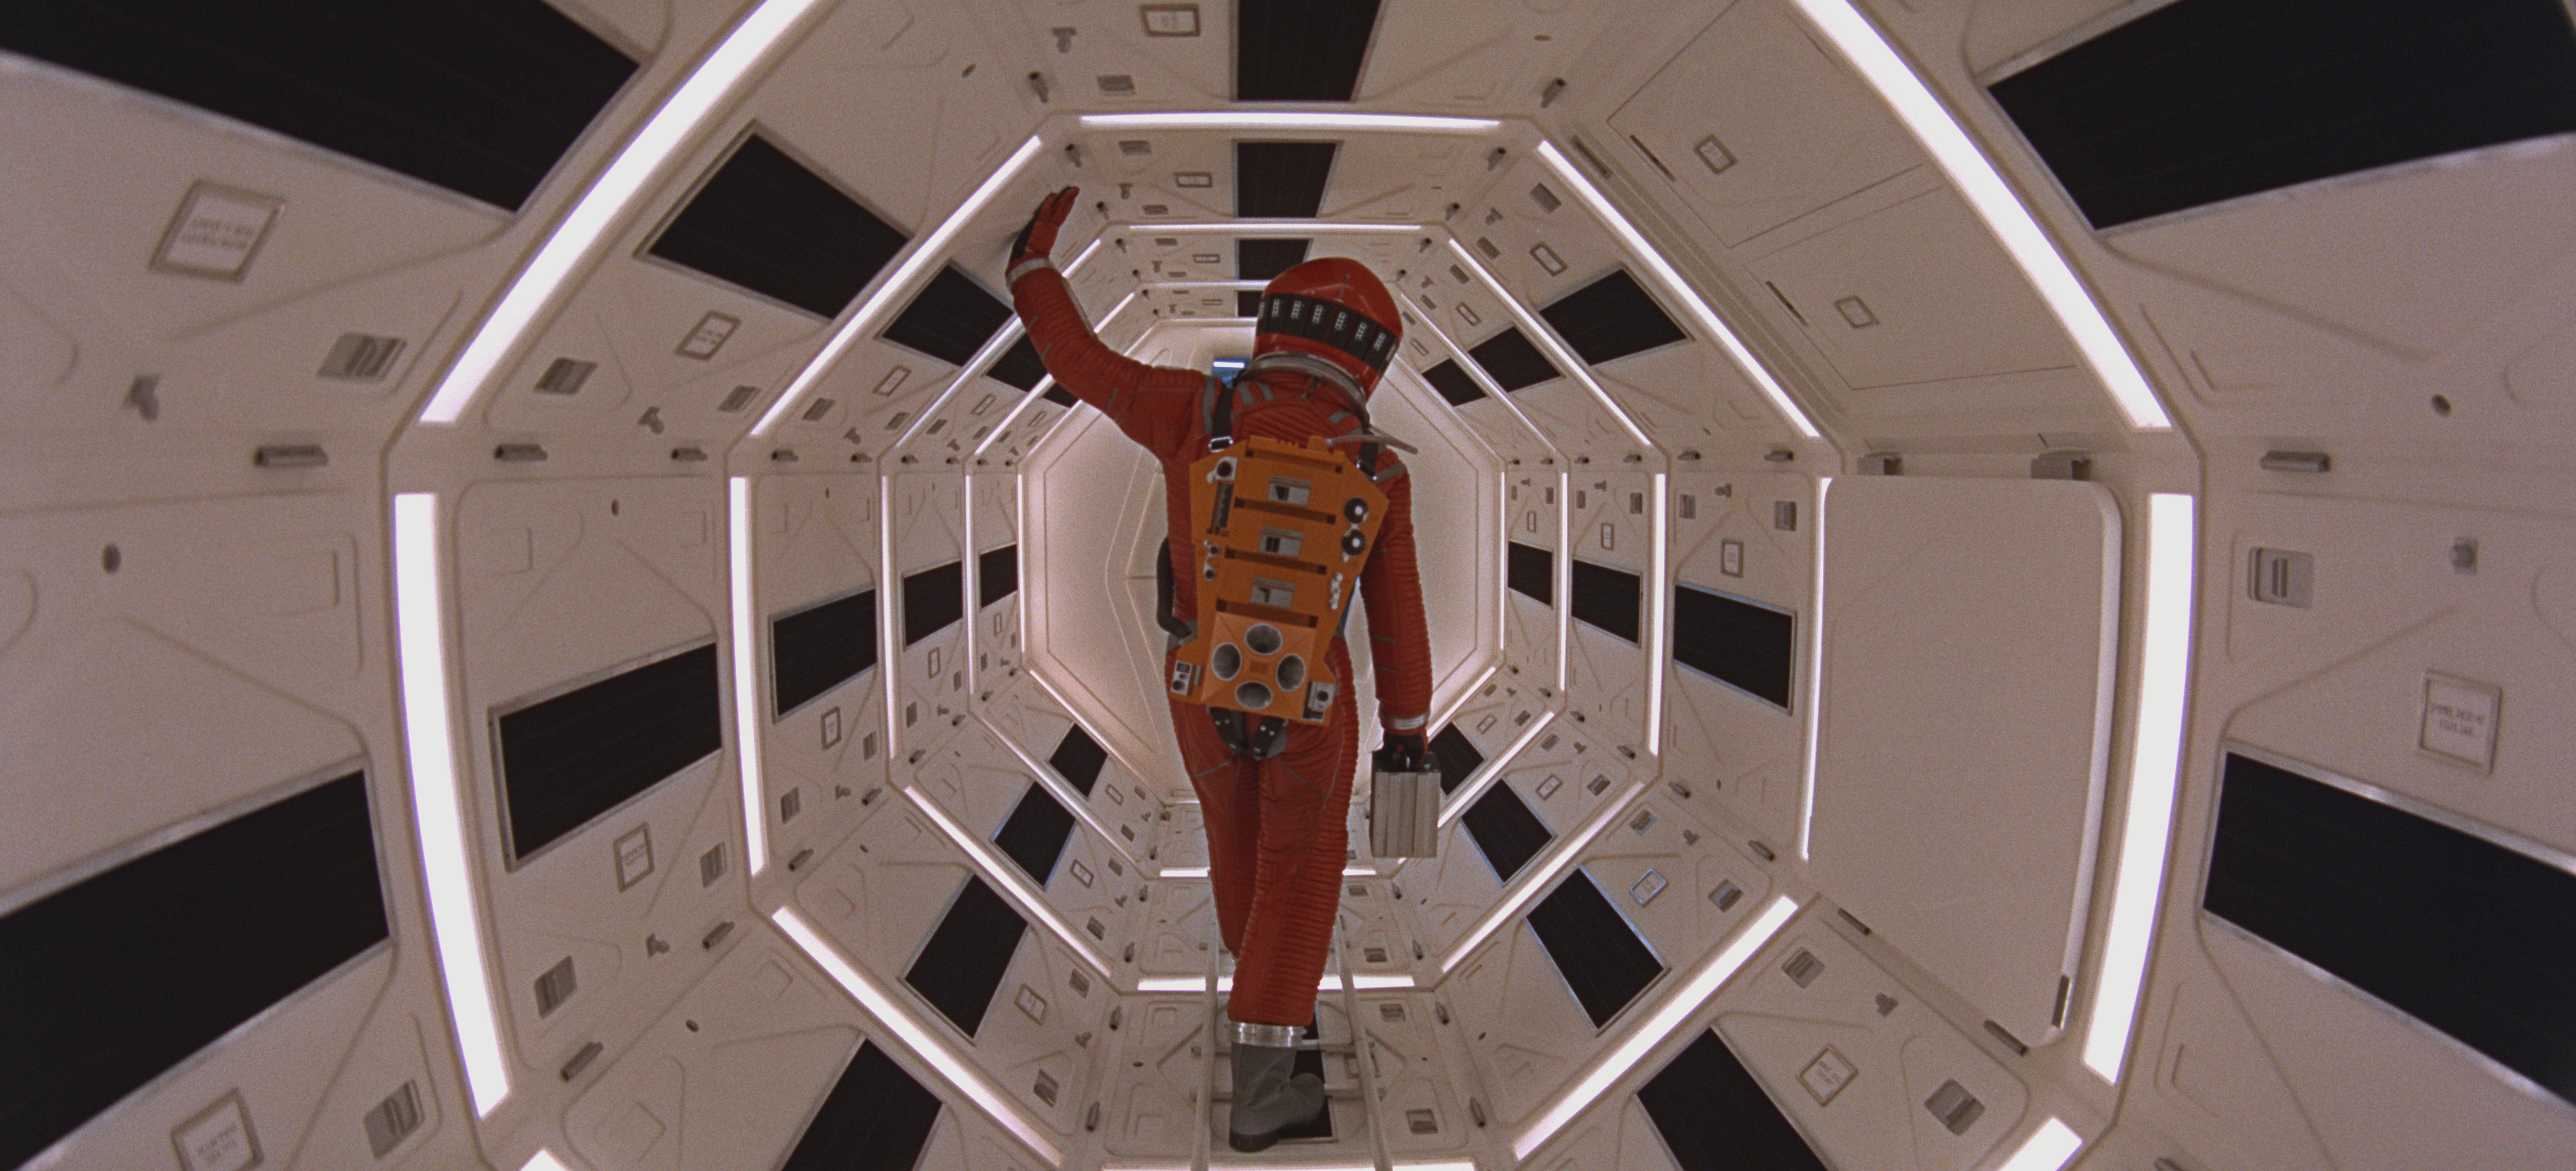 9. Космическая одиссея 2001 года 2001: A Space Odyssey (1968), оператор Джеффри Ансуорт, дополнительный операторДжон Олкотт (режиссер Стэнли Кубрик)